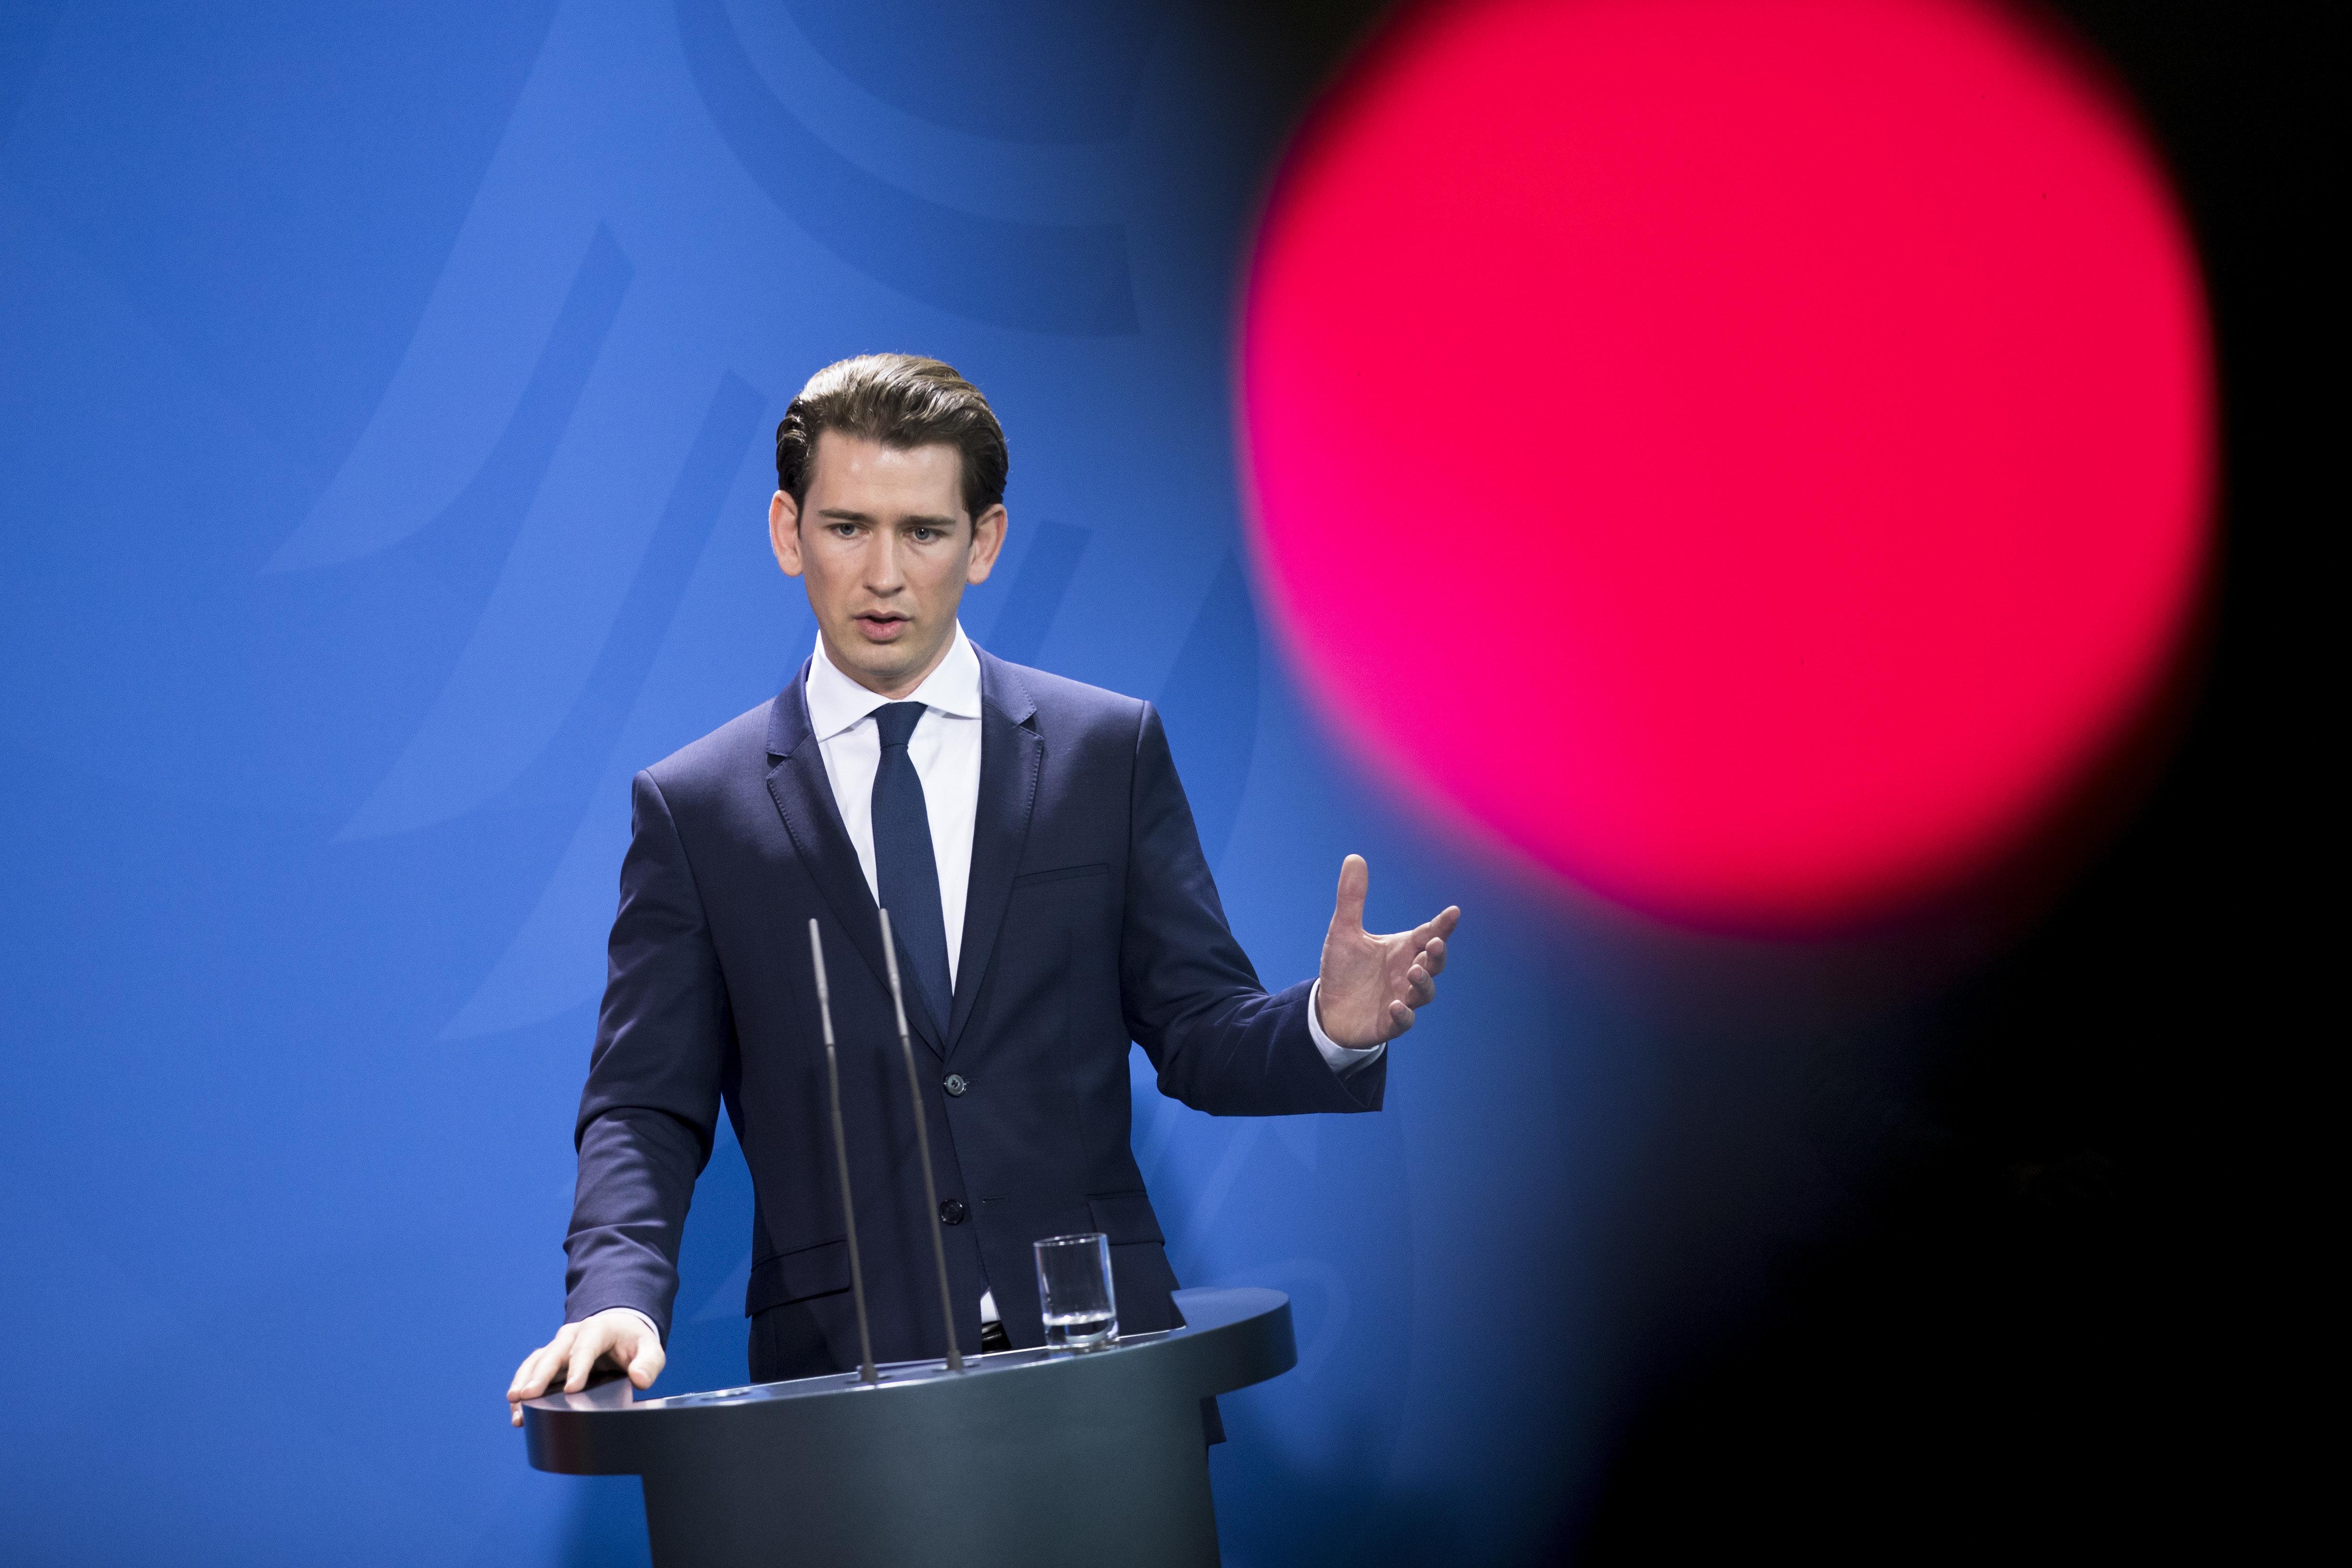 Αυστρία: Το συντηρητικό Λαϊκό Κόμμα του καγκελάριου Κουρτς νικητής των περιφερειακών εκλογών στο ομόσπονδο κρατίδιο της Κάτω